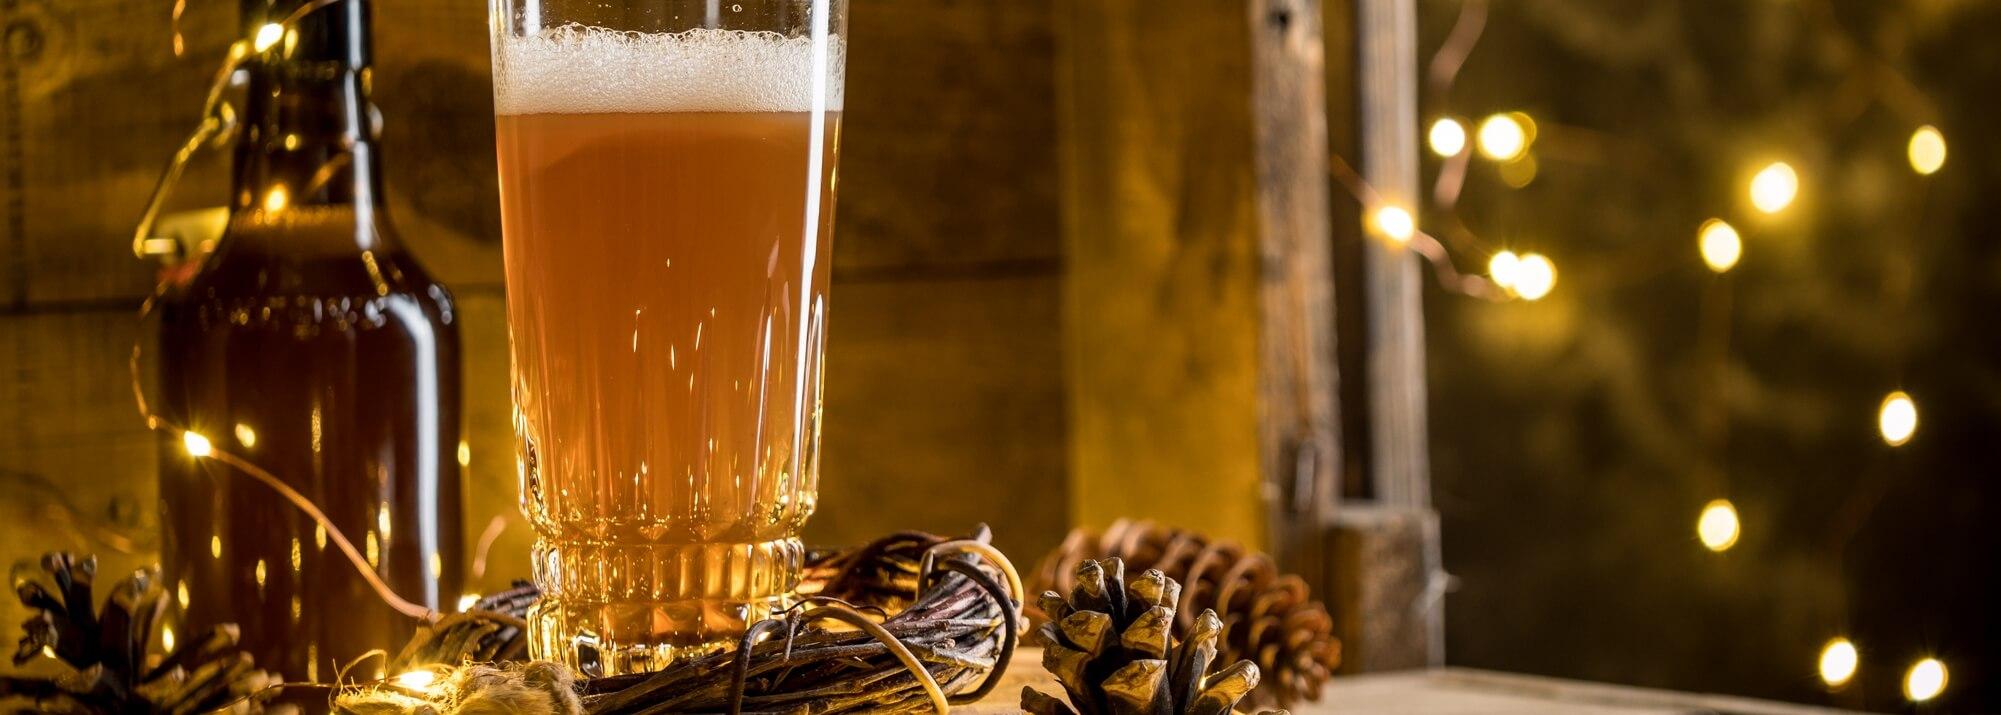 Bières de Noël